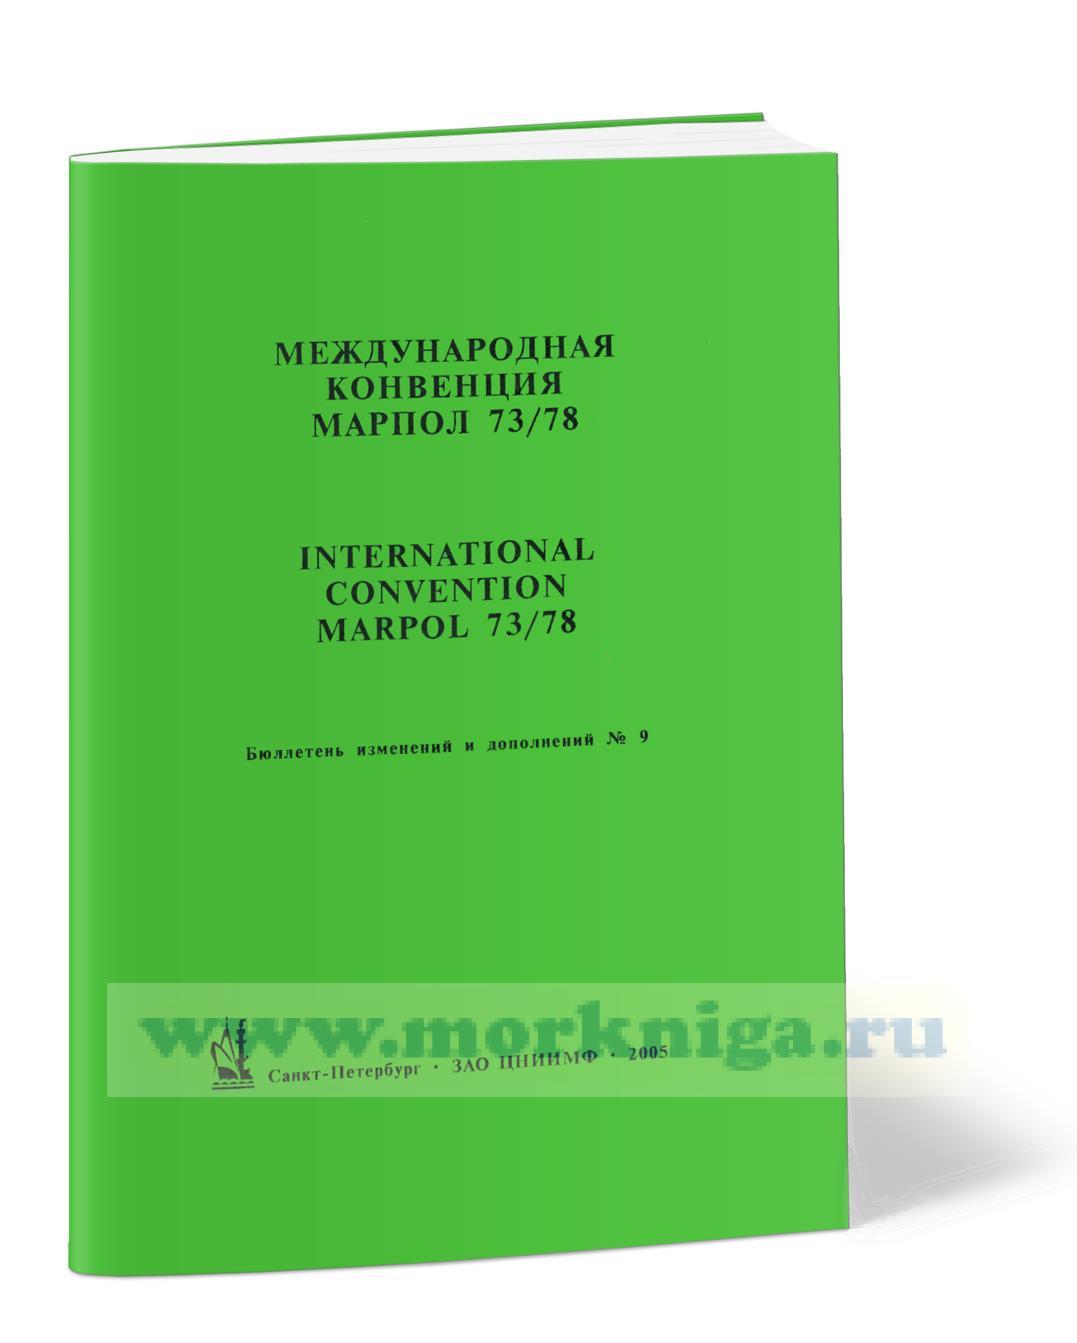 Бюллетень № 9 изменений и дополнений к Конвенции МАРПОЛ 73/78 и резолюций Комитета ИМО по защите морской среды от загрязнения с судов